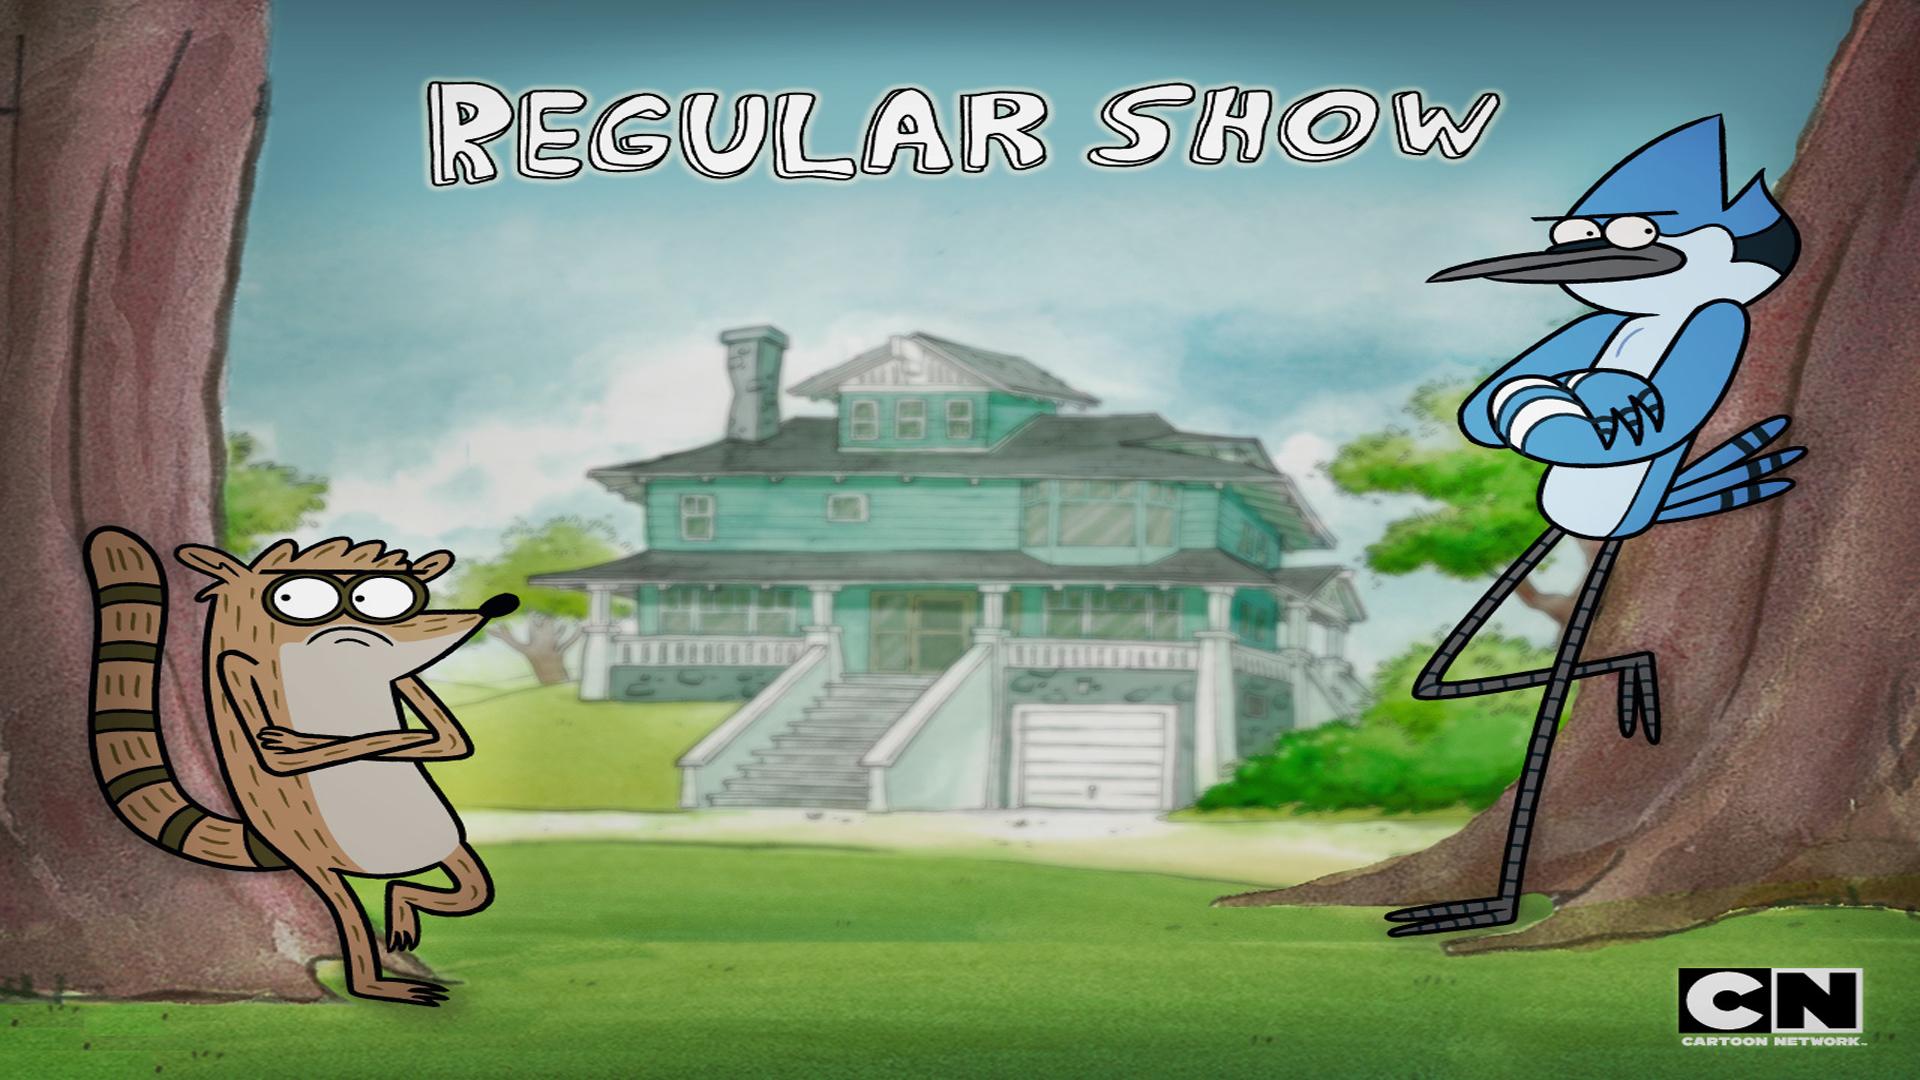 The-Regular-Show-regular-show-25861119-1920-1080.jpg